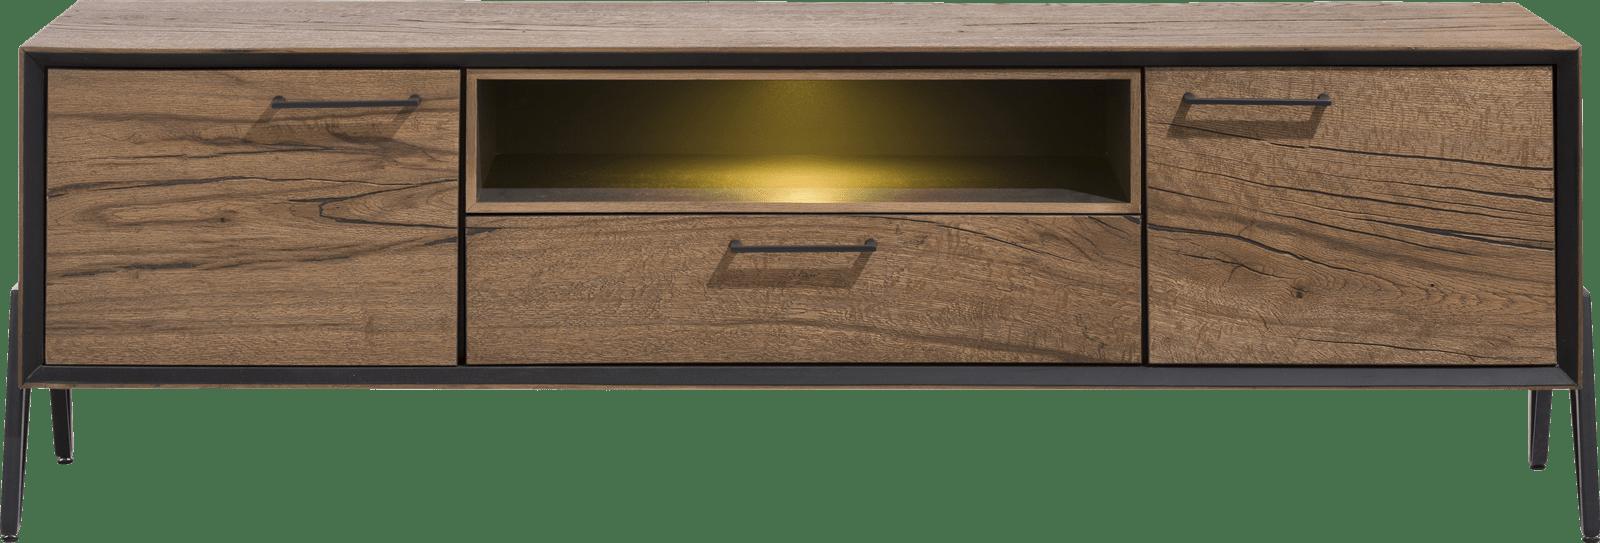 Janella - lowboard 180 cm - 2-deuren + 1-lade + 1-niche (+ led)